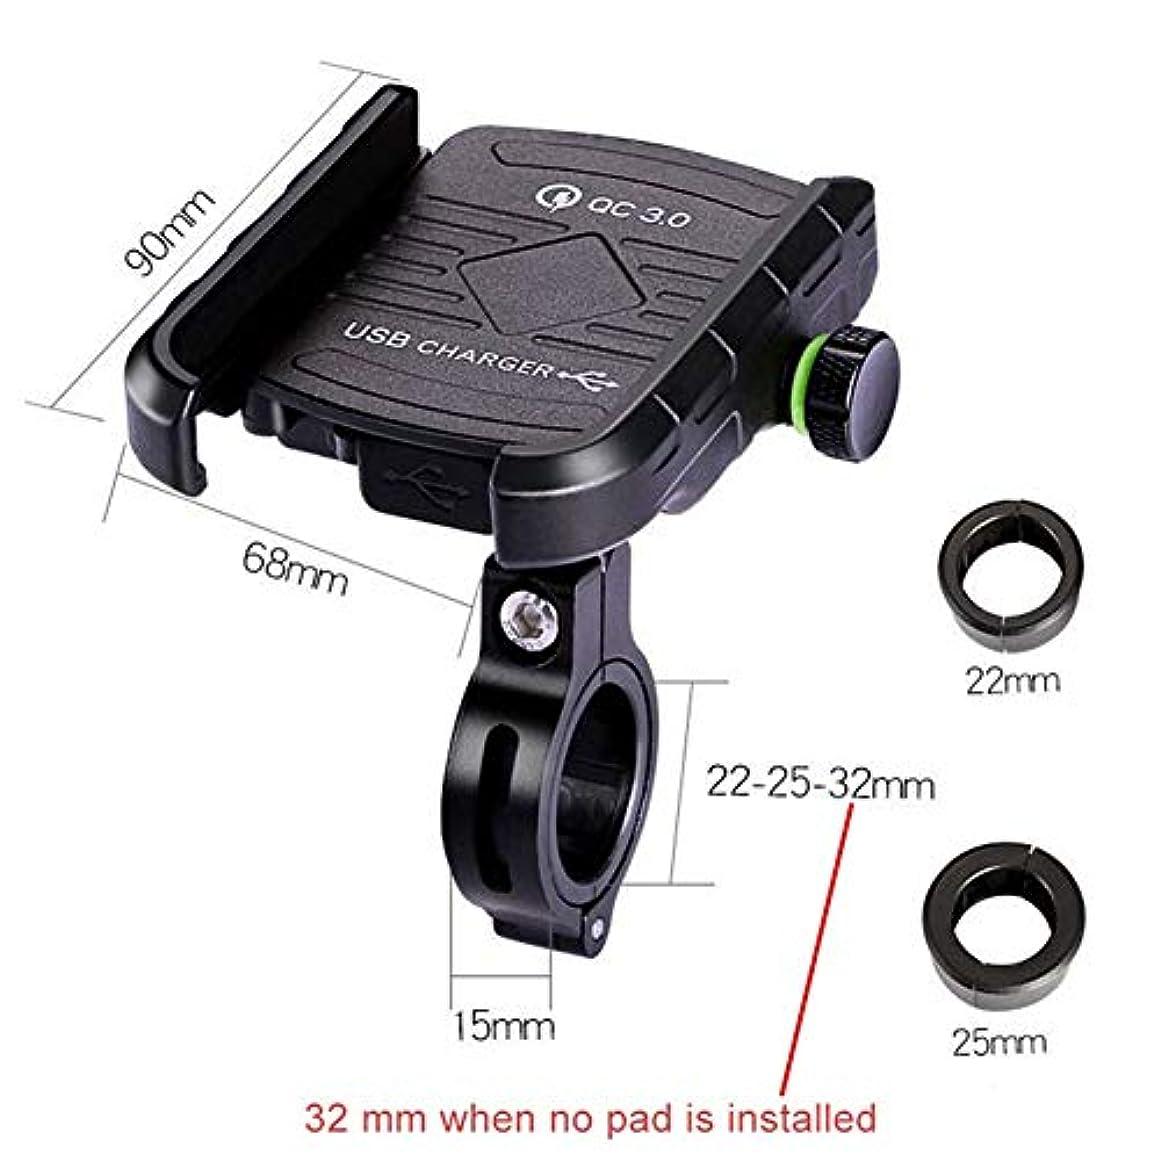 アボートやがてライブ自転車オートバイ携帯電話マウントホルダー - オートバイ/自転車USB充電器QC 3.0高速充電電話ブラケット、あらゆるスマートフォンGPS用 - ユニバーサルマウンテンロードバイクオートバイ